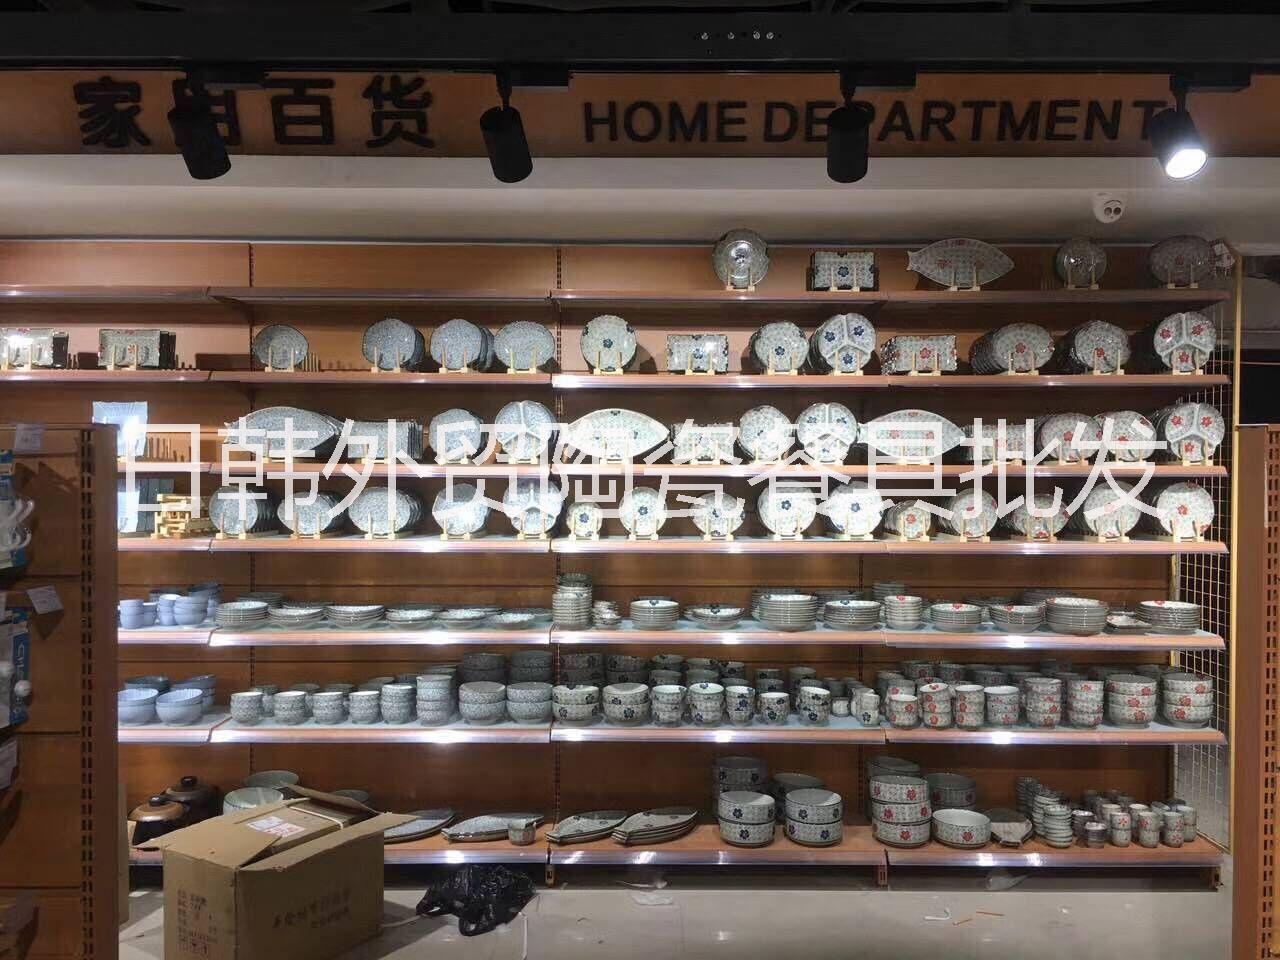 外贸陶瓷批发全国招商加盟 陶瓷餐具批发外贸陶瓷全国招商加盟